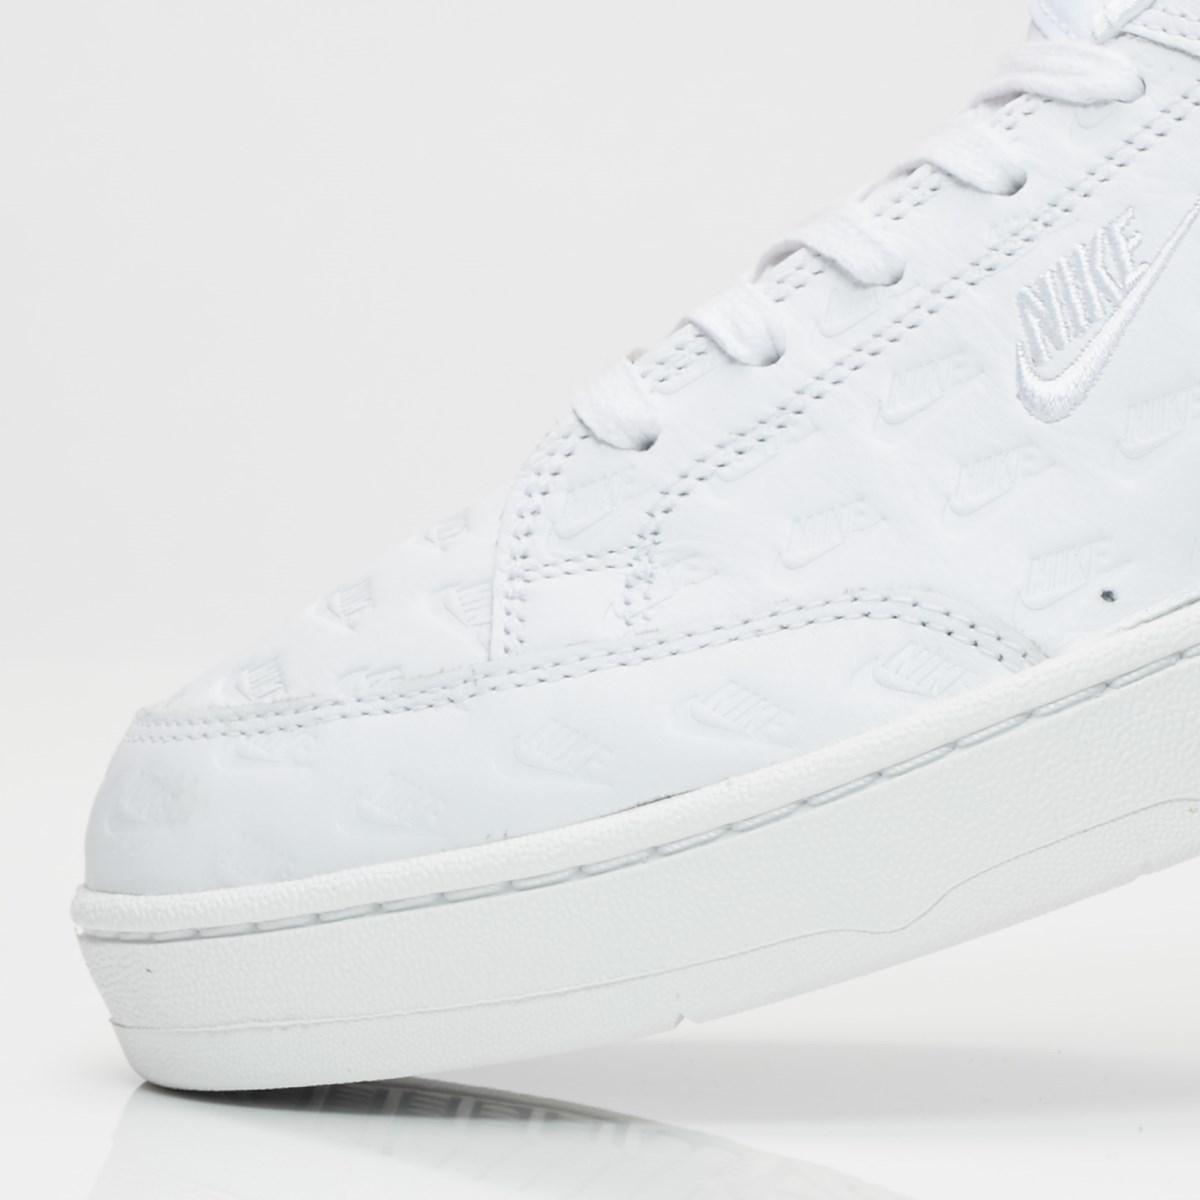 best service 0f1a0 90355 Nike Grandstand II PNCL - Ah6576-101 - Sneakersnstuff   Sneaker    Streetwear online seit 1999